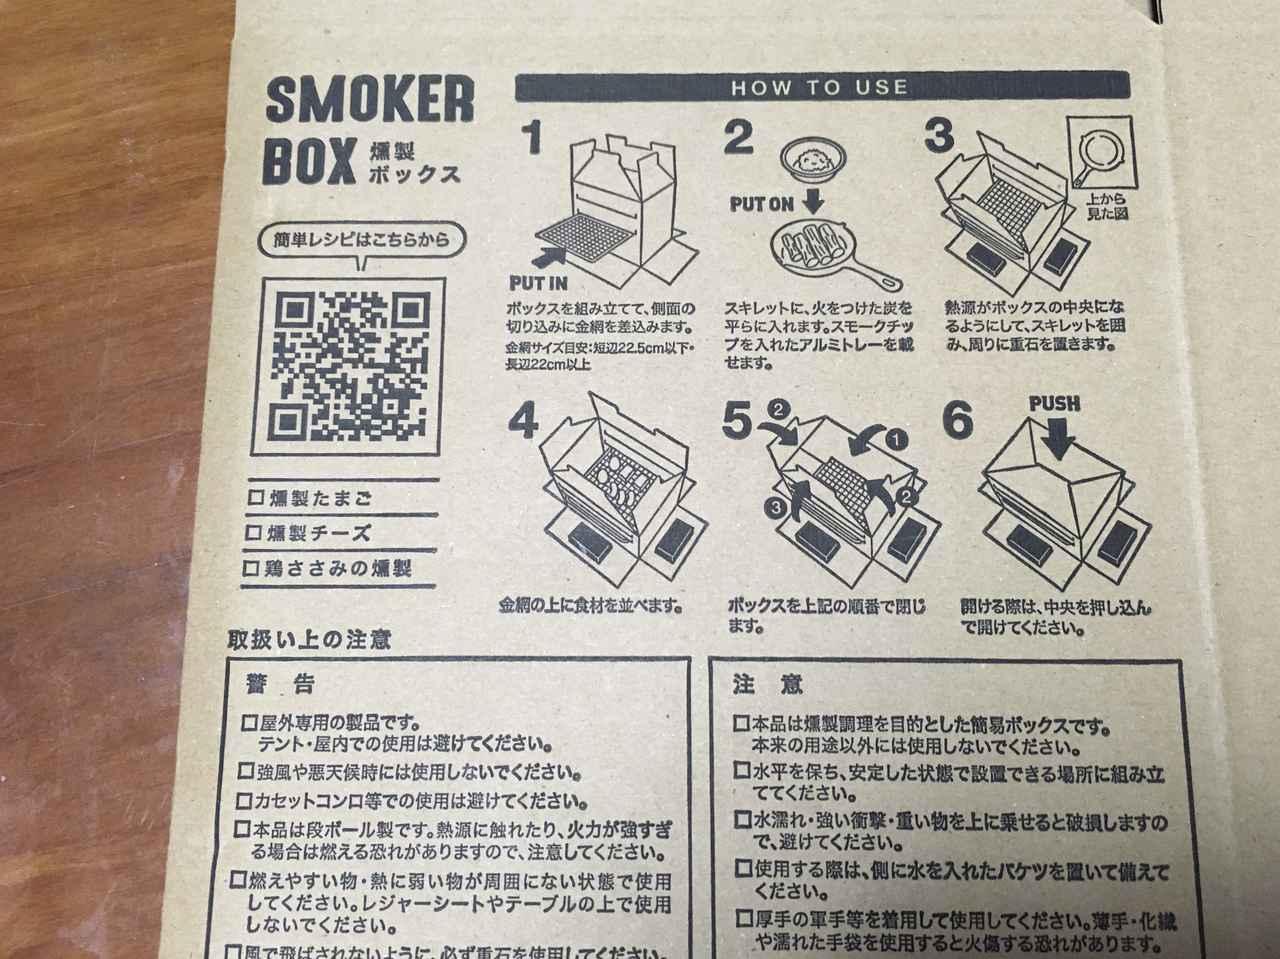 画像: 筆者撮影:Seriaで販売されている燻製ボックス